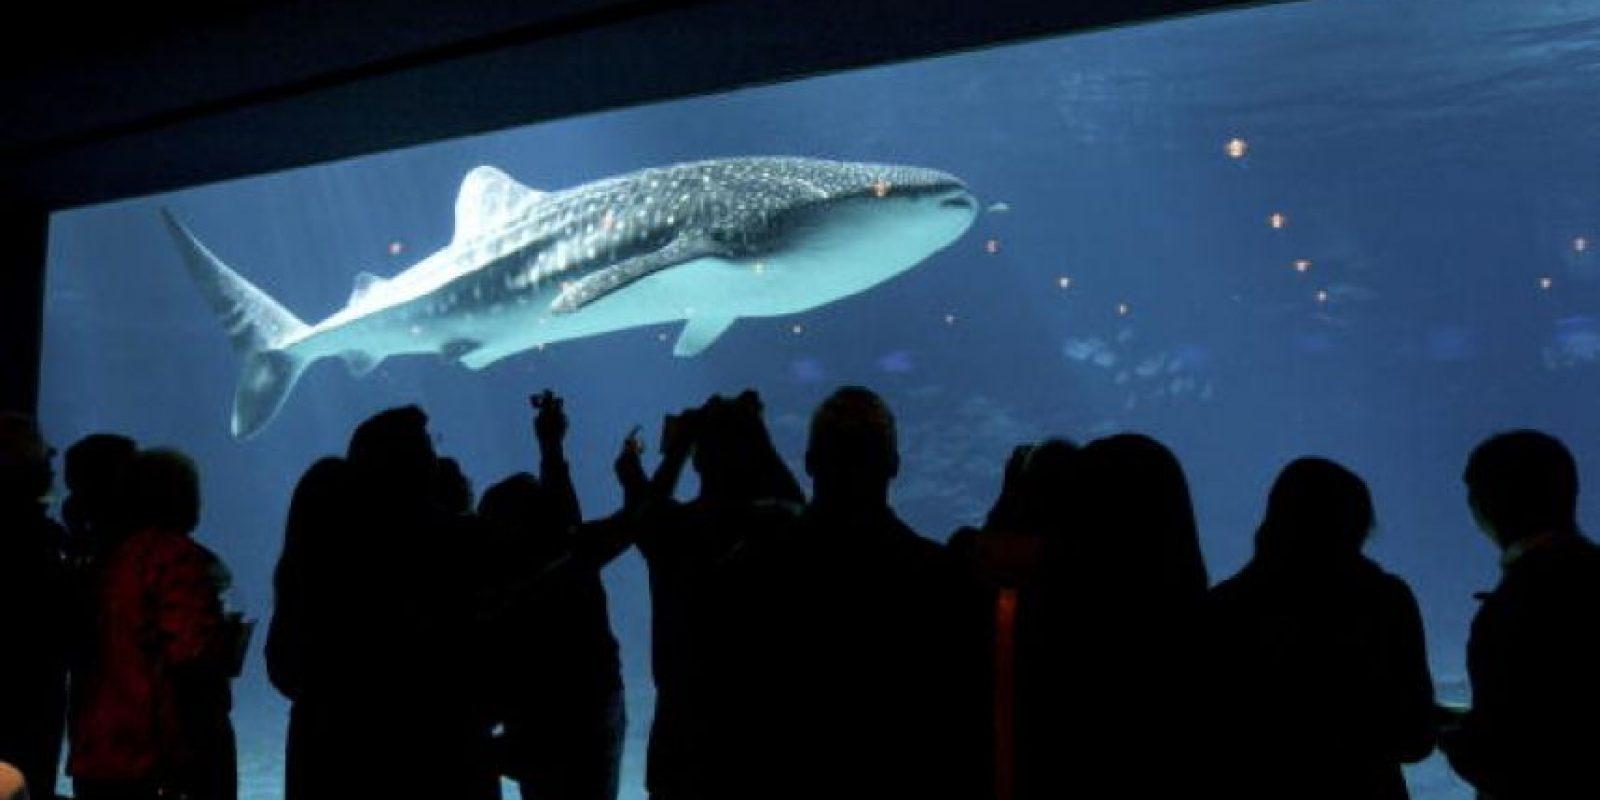 El tiburón pigmeo es uno de los tiburones más pequeños del mundo. Foto:Getty Images